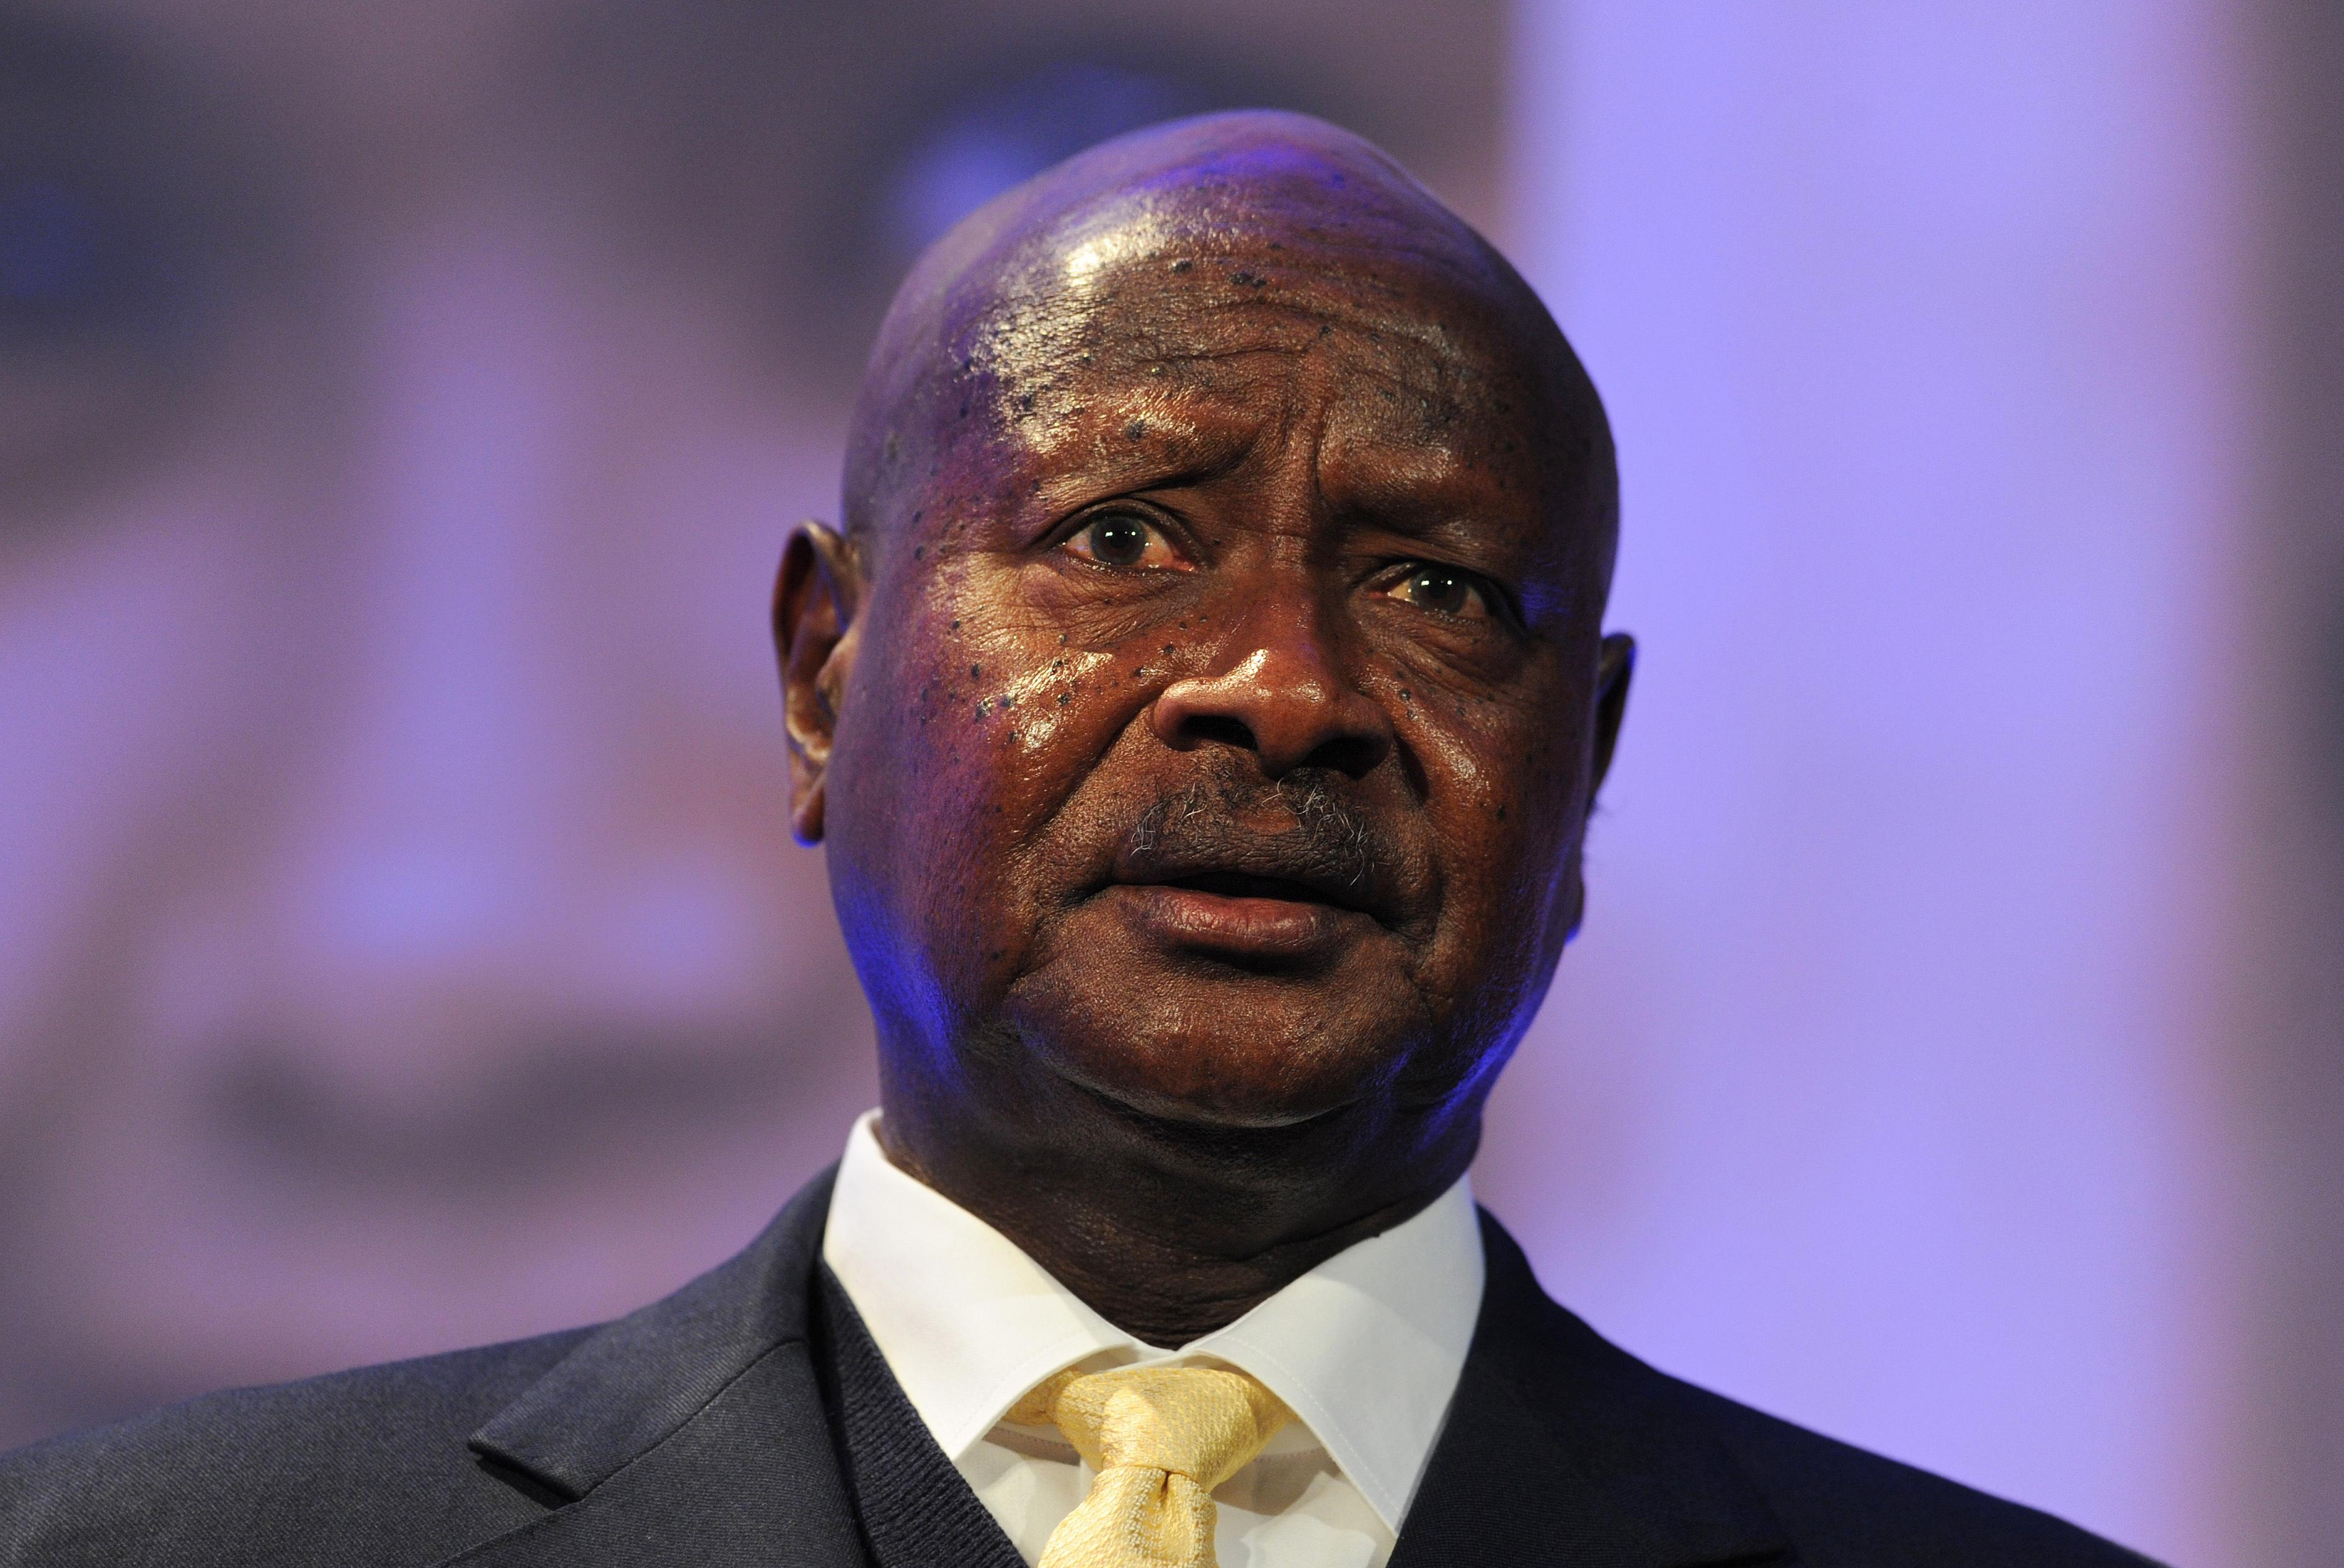 Madaxweynaha Uganda oo magacaabay Madaxweyne ku xigeen iyo ra'iisul Wasaare cusub